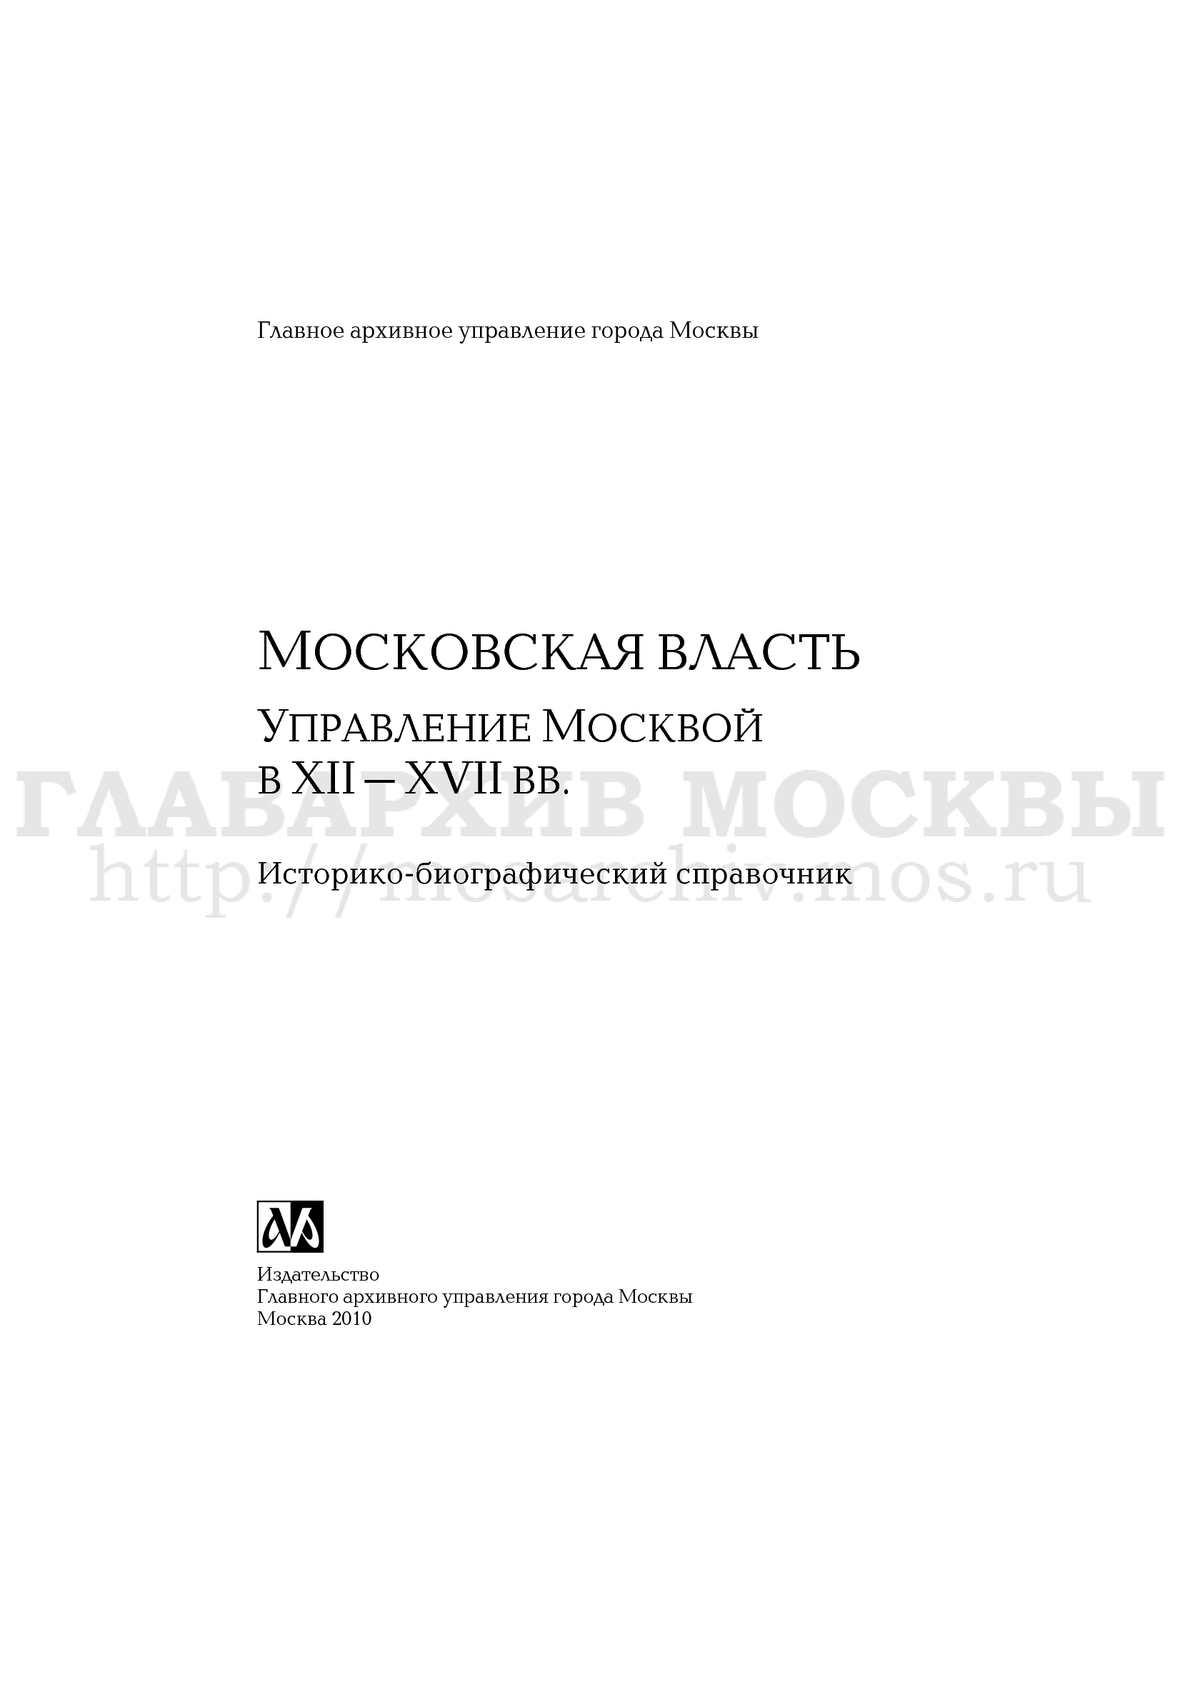 демидова н ф служилая бюрократия в россии xvii века 1625 1700 биографический справочник